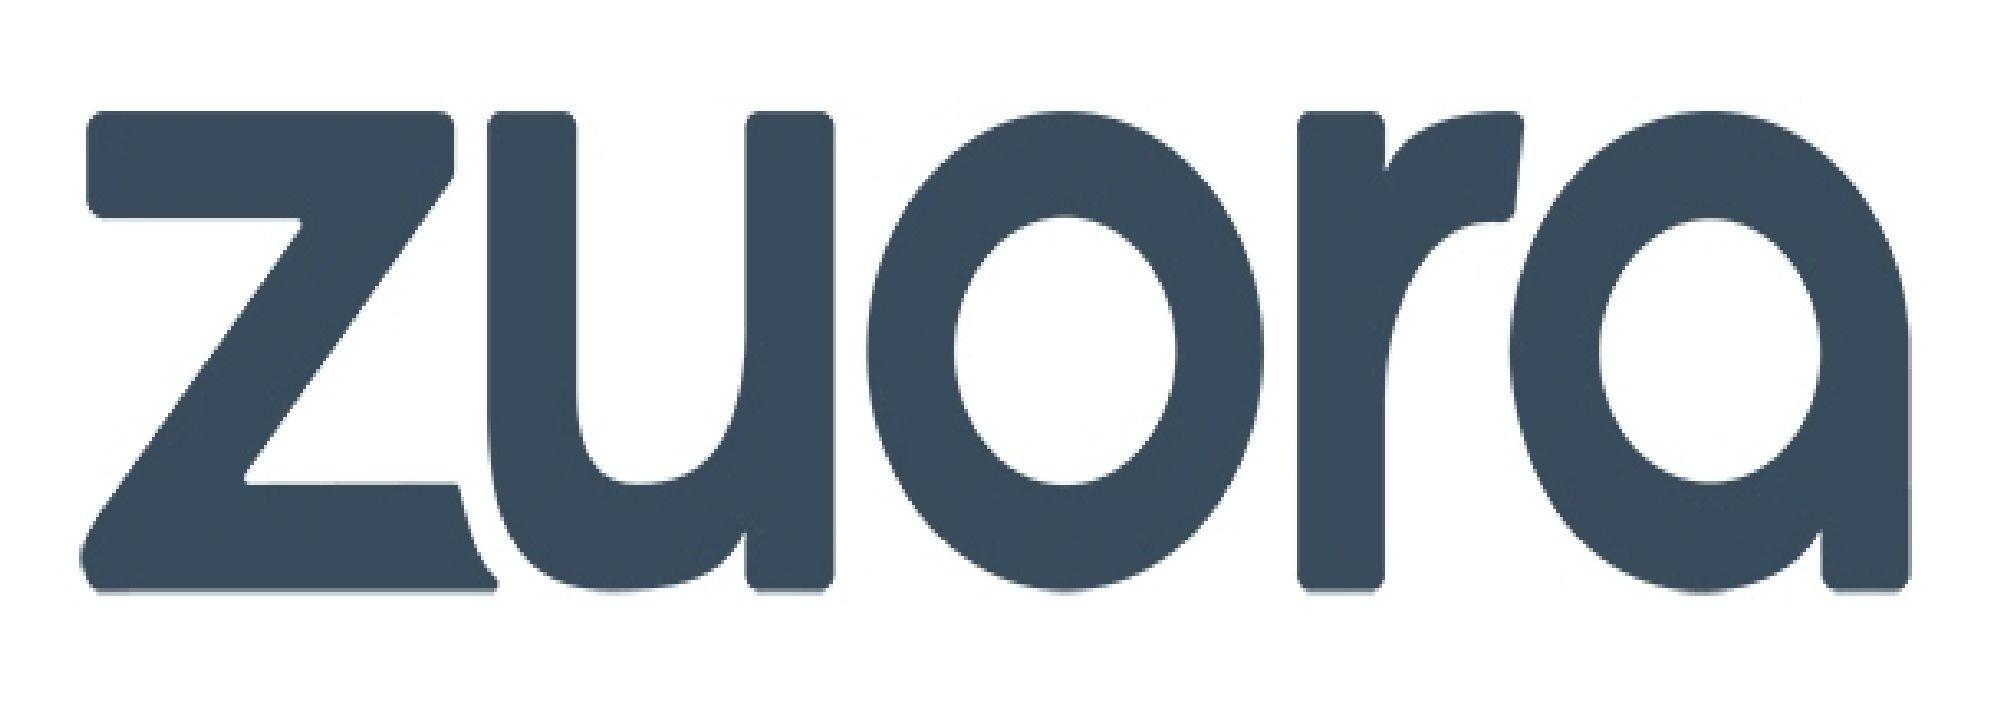 Monet Technologies setzt auf Zuora